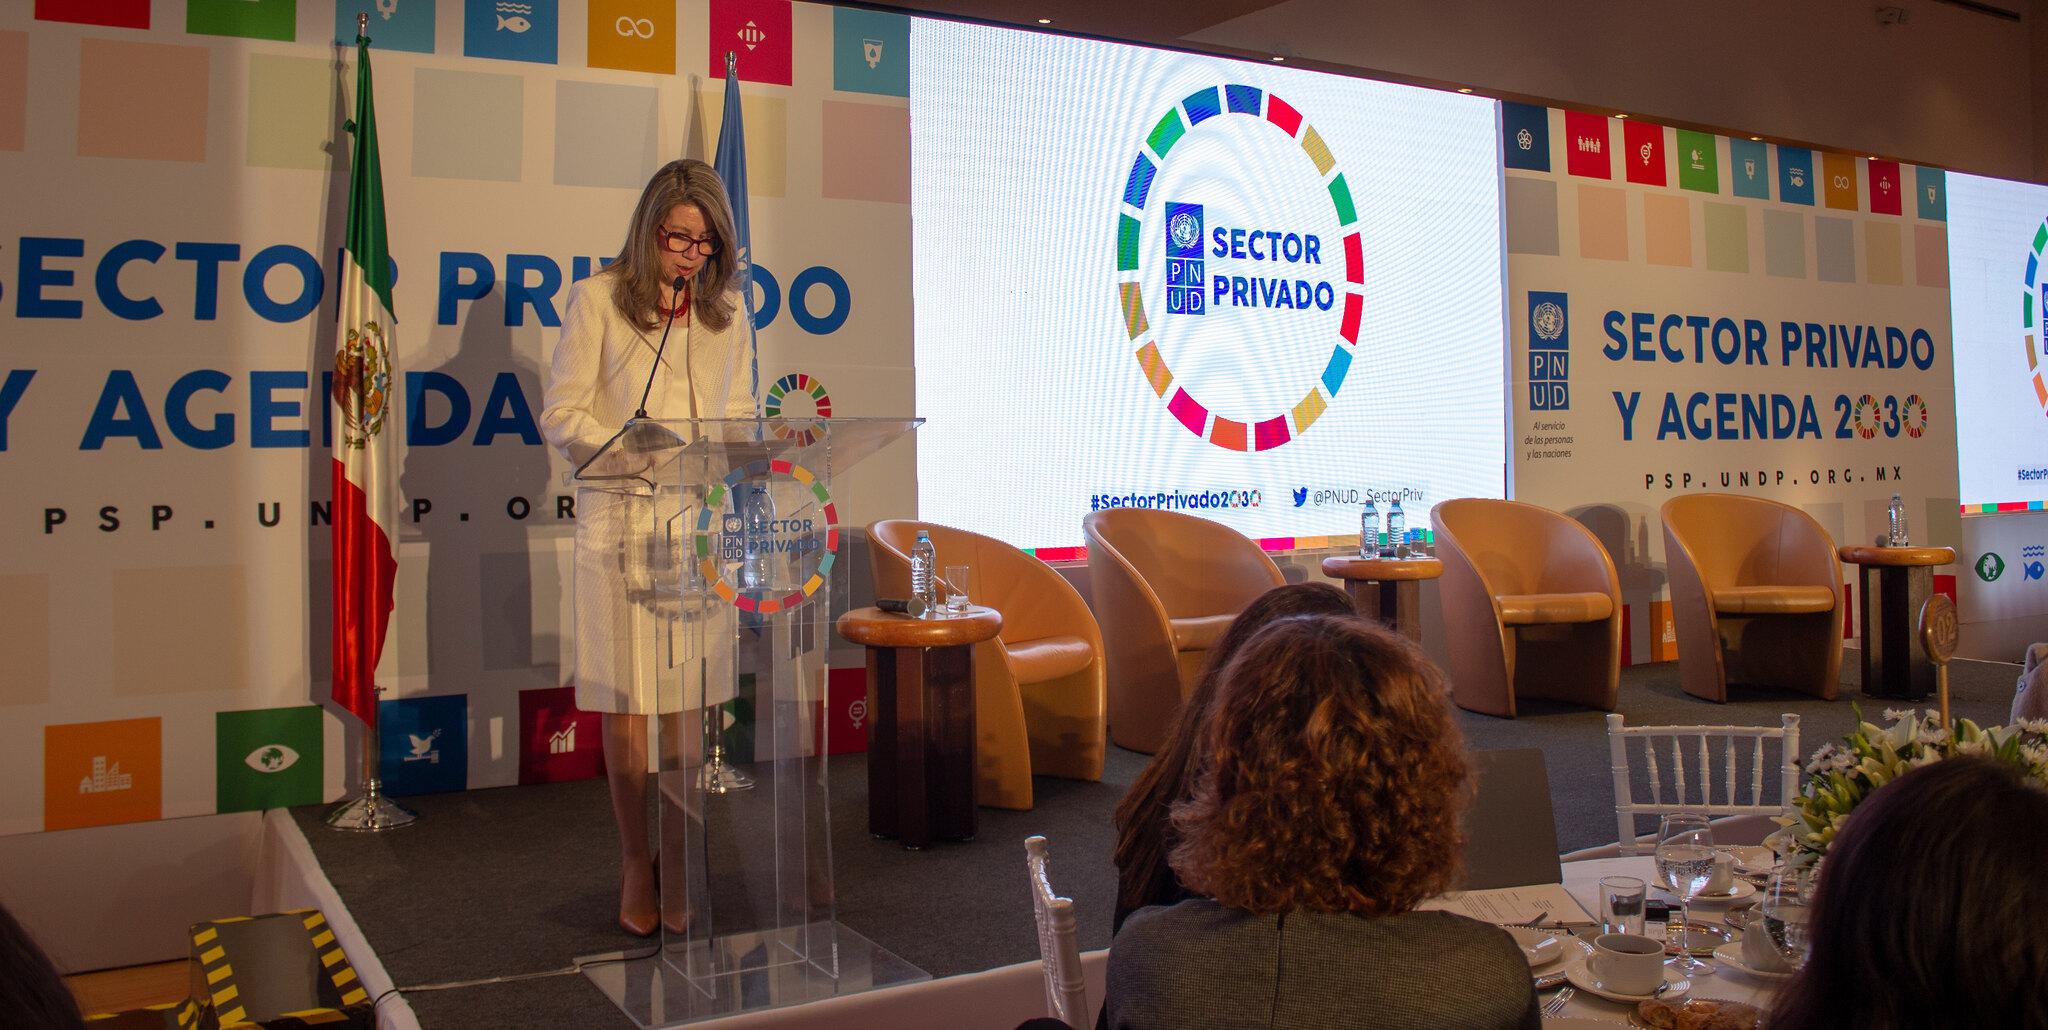 Plataforma para el Sector Privado y la Agenda 2030